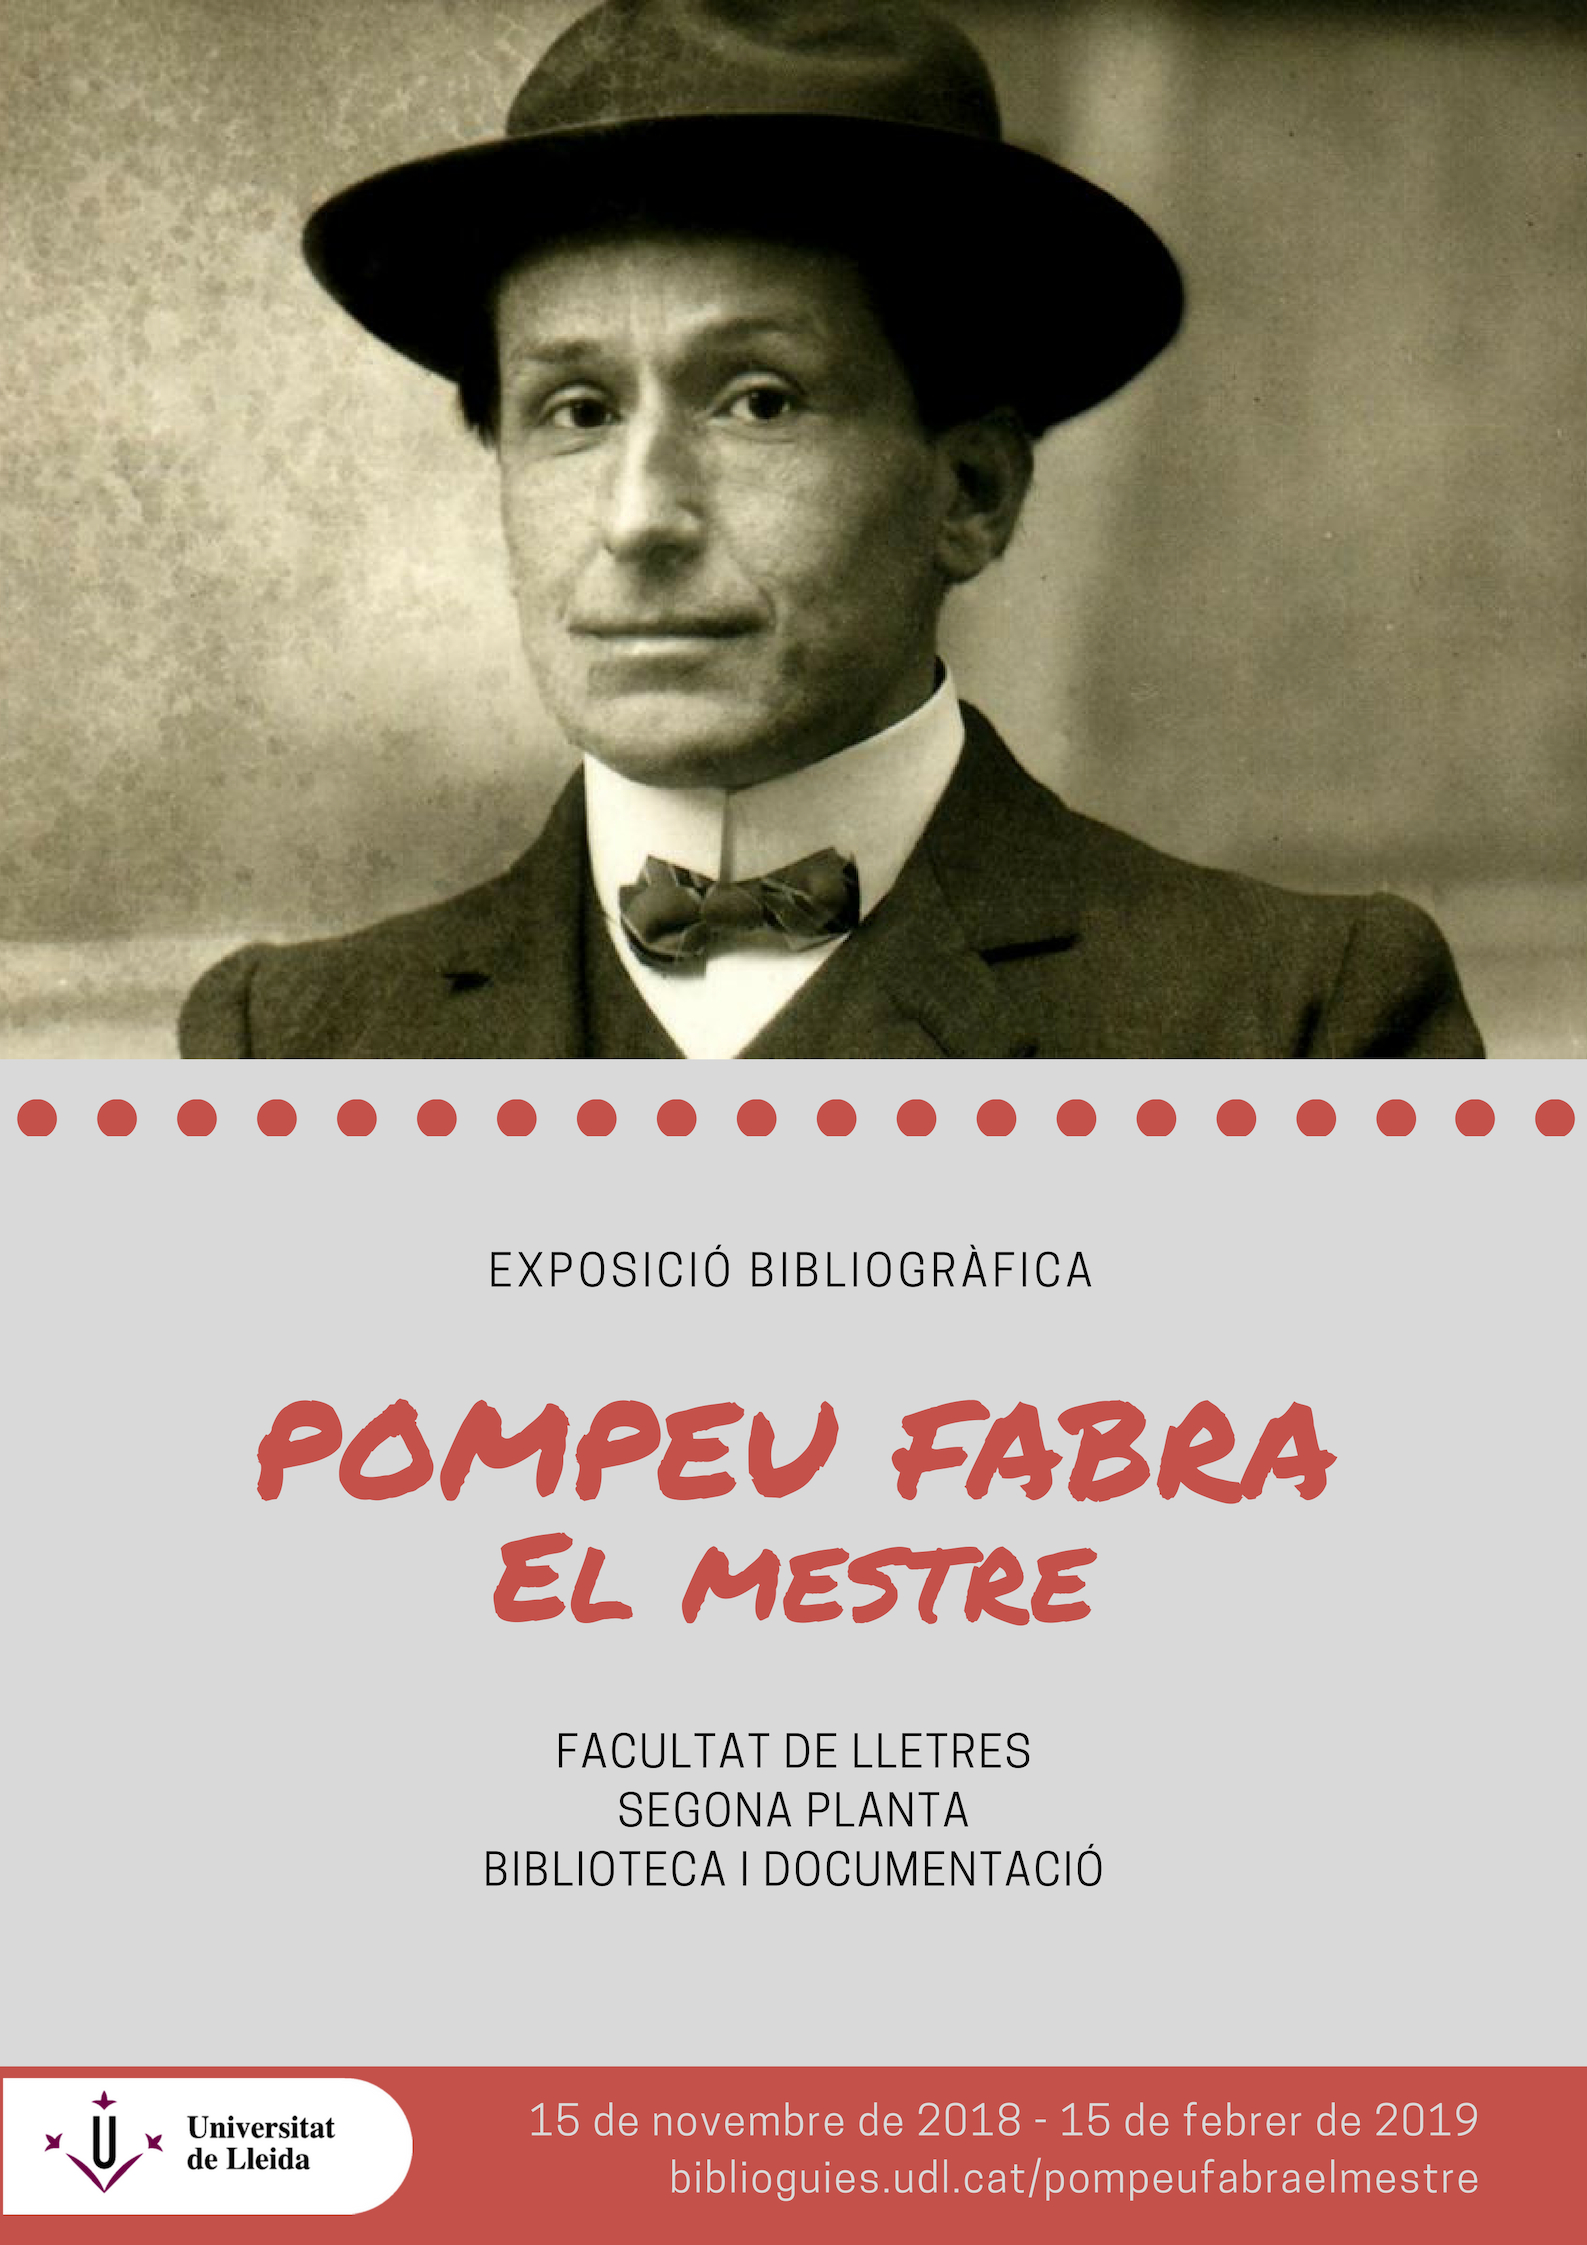 Exposició bibliogràfica Pompeu Fabra, el Mestre